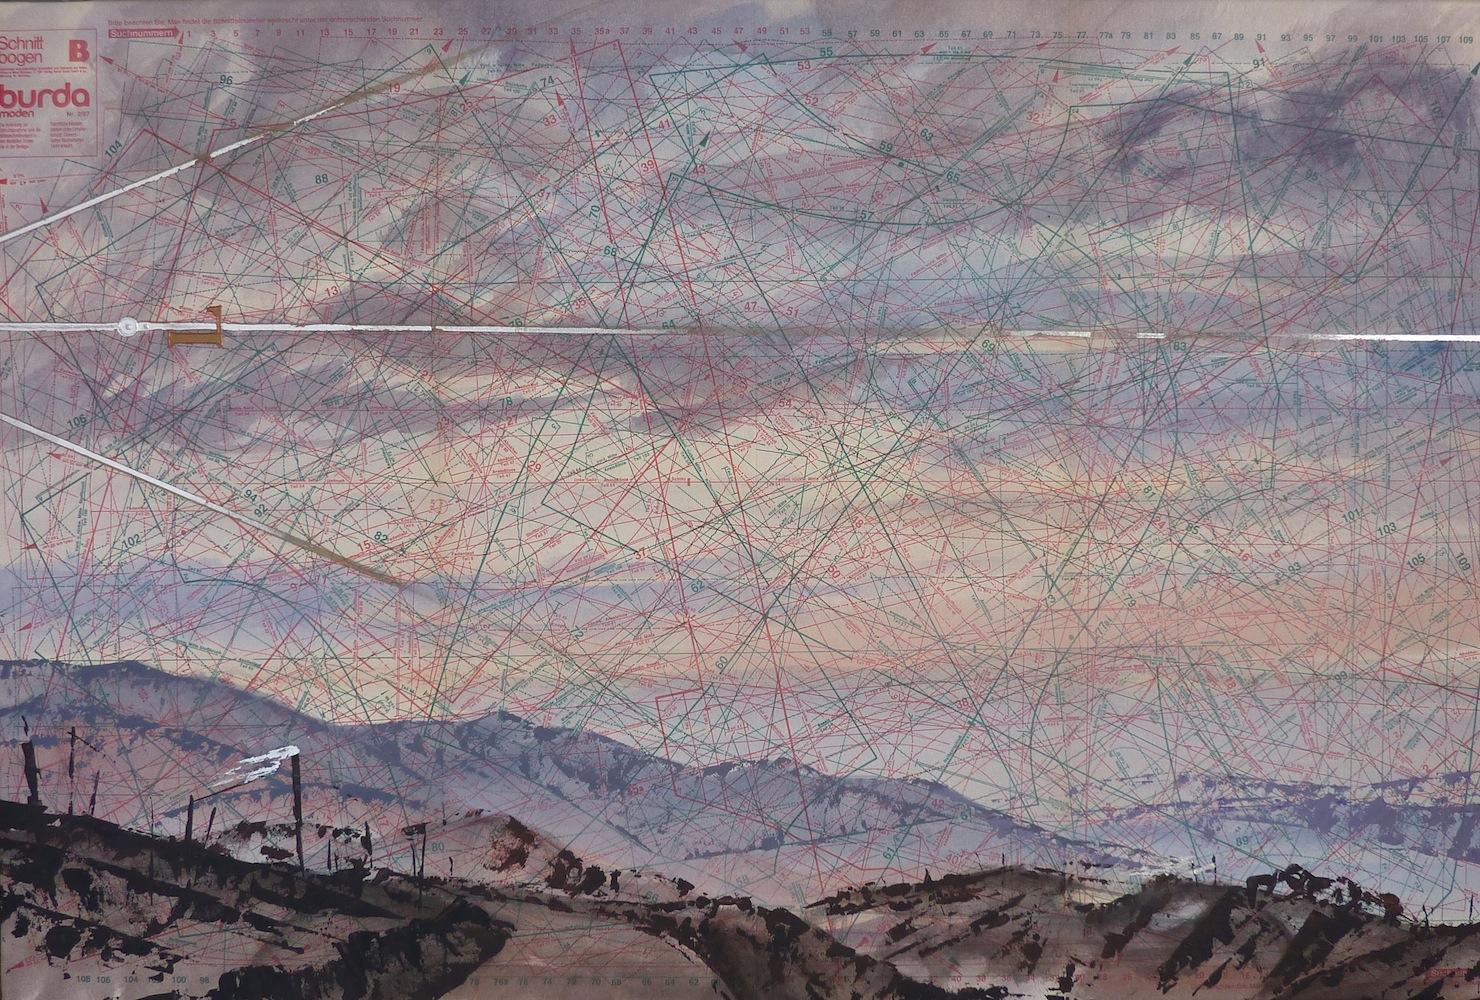 SENSI ARTE, Levante, tempera acrilica, foglia argento su cartamodello intelato, cm. 56 x 83